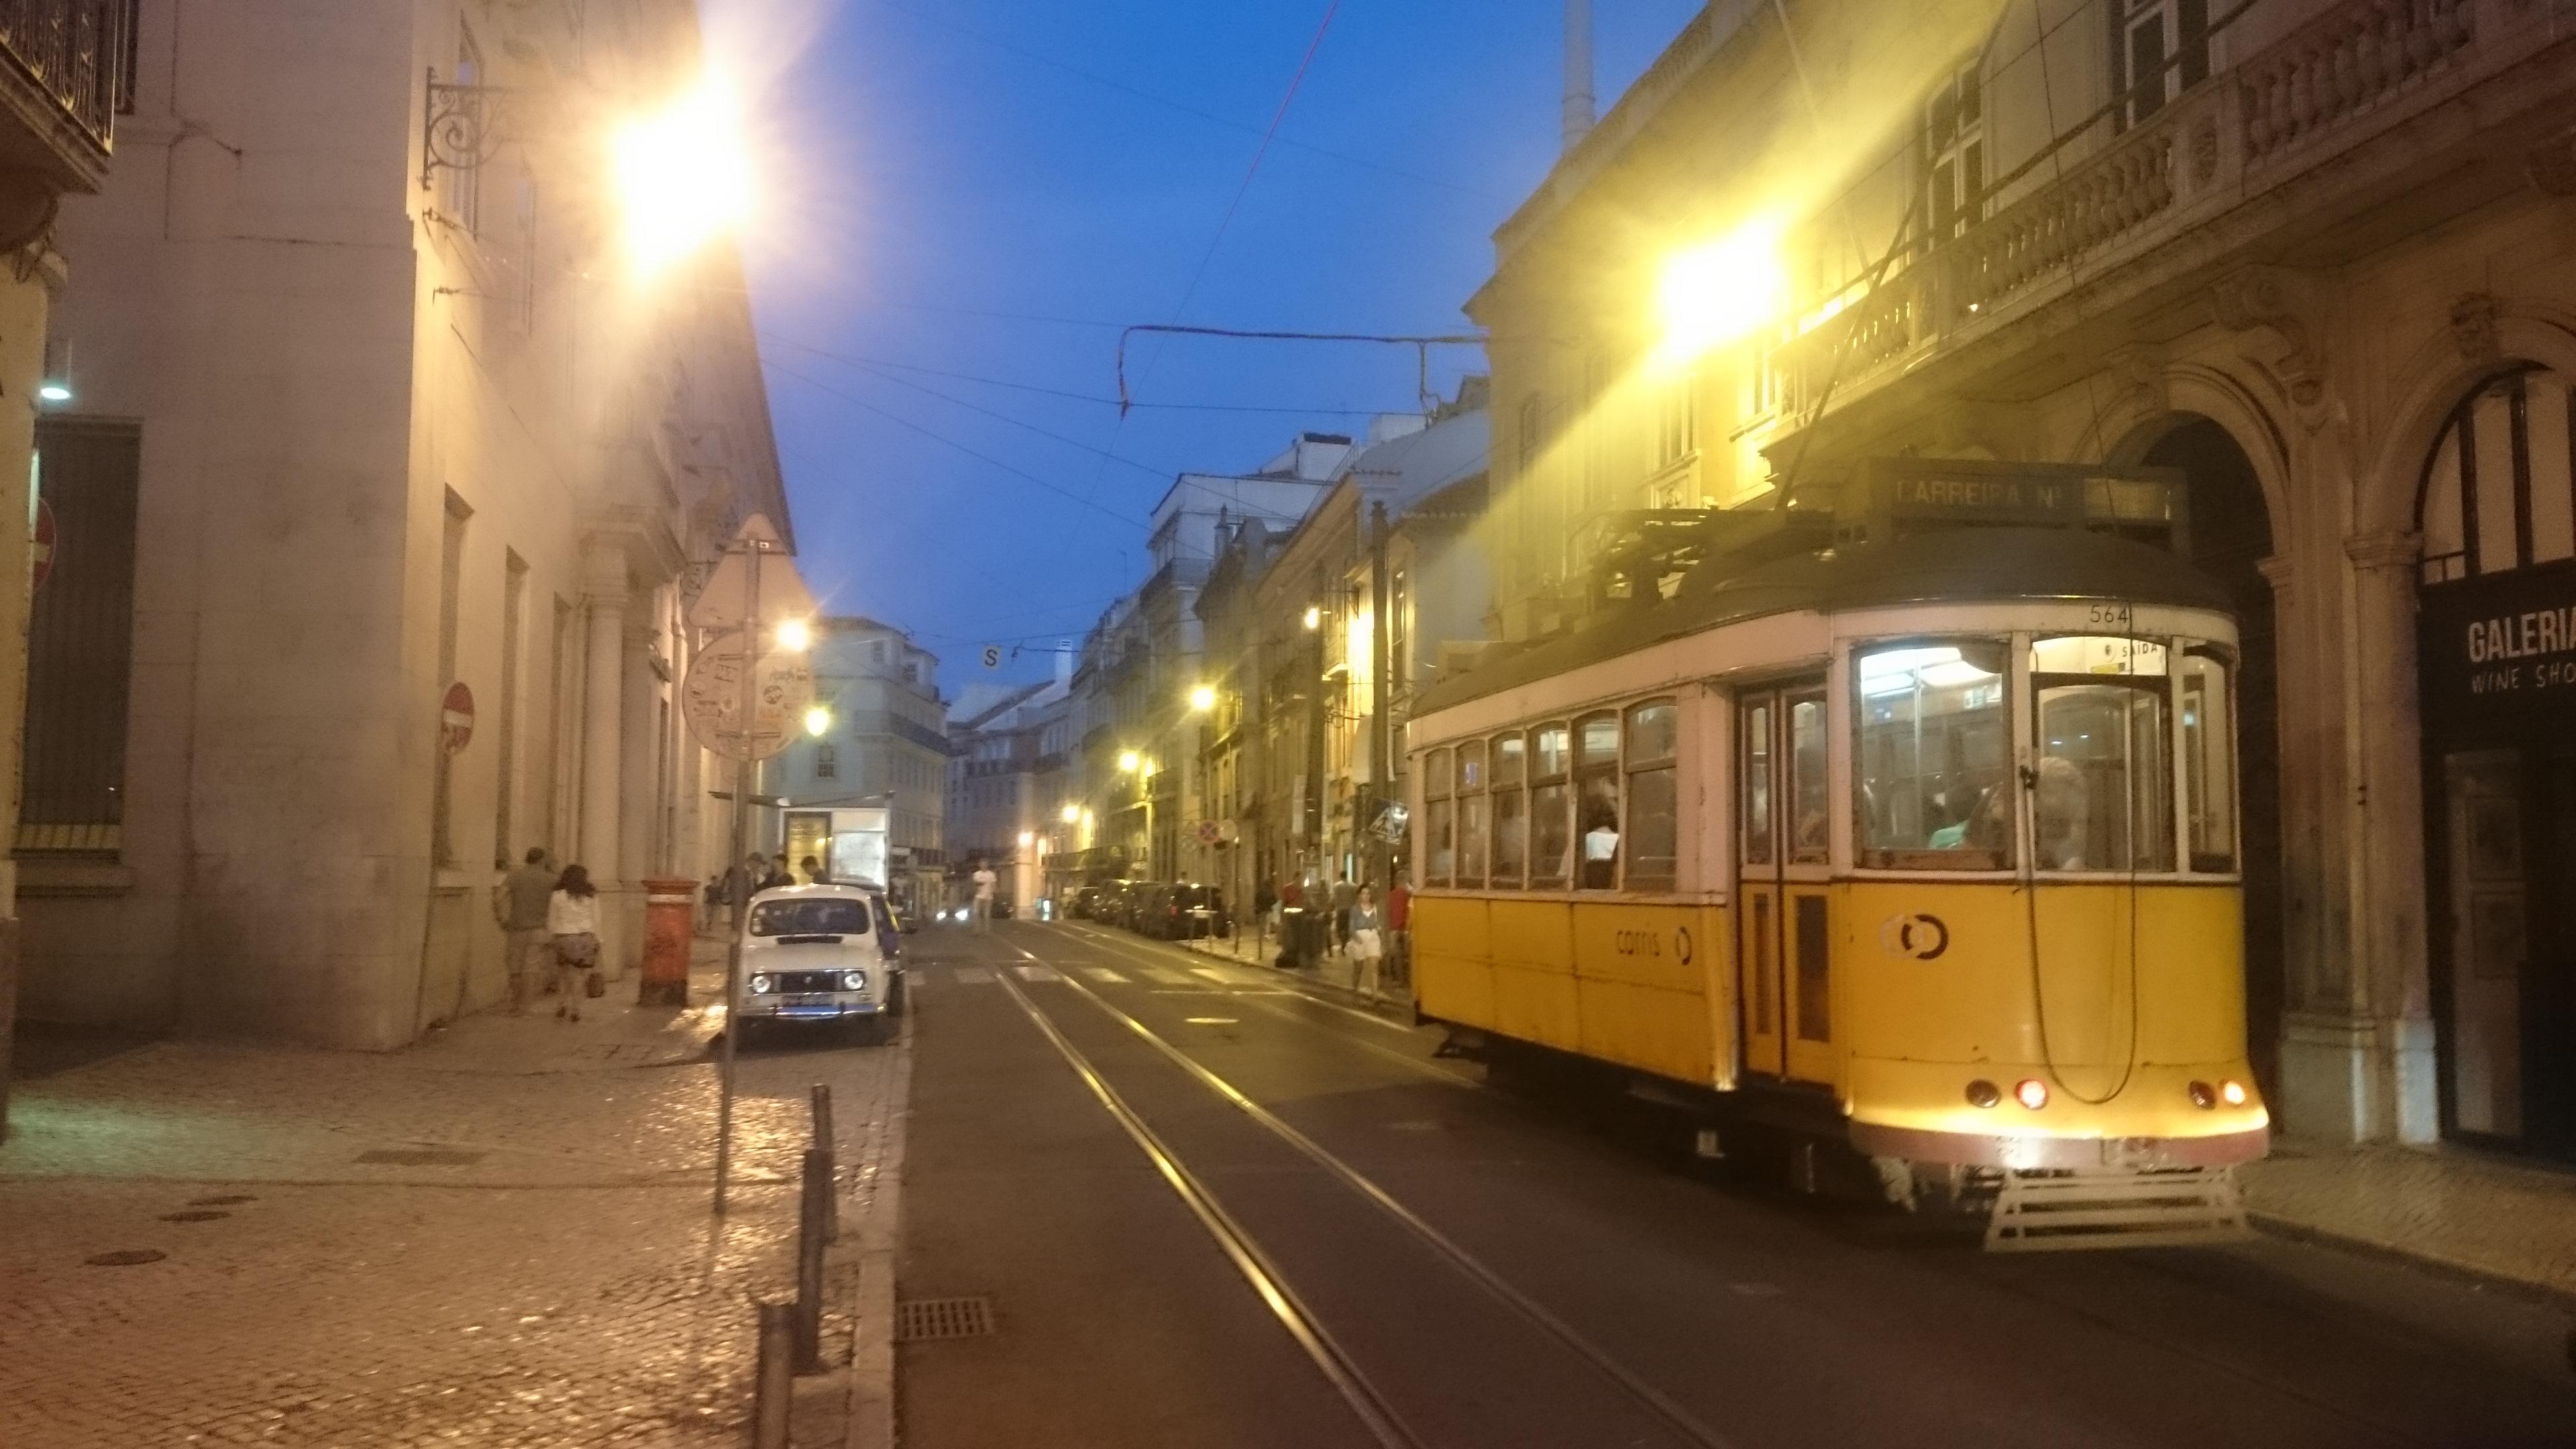 Prägen das Stadtbild von Lissabon: die nostalgischen Straßenbahnen